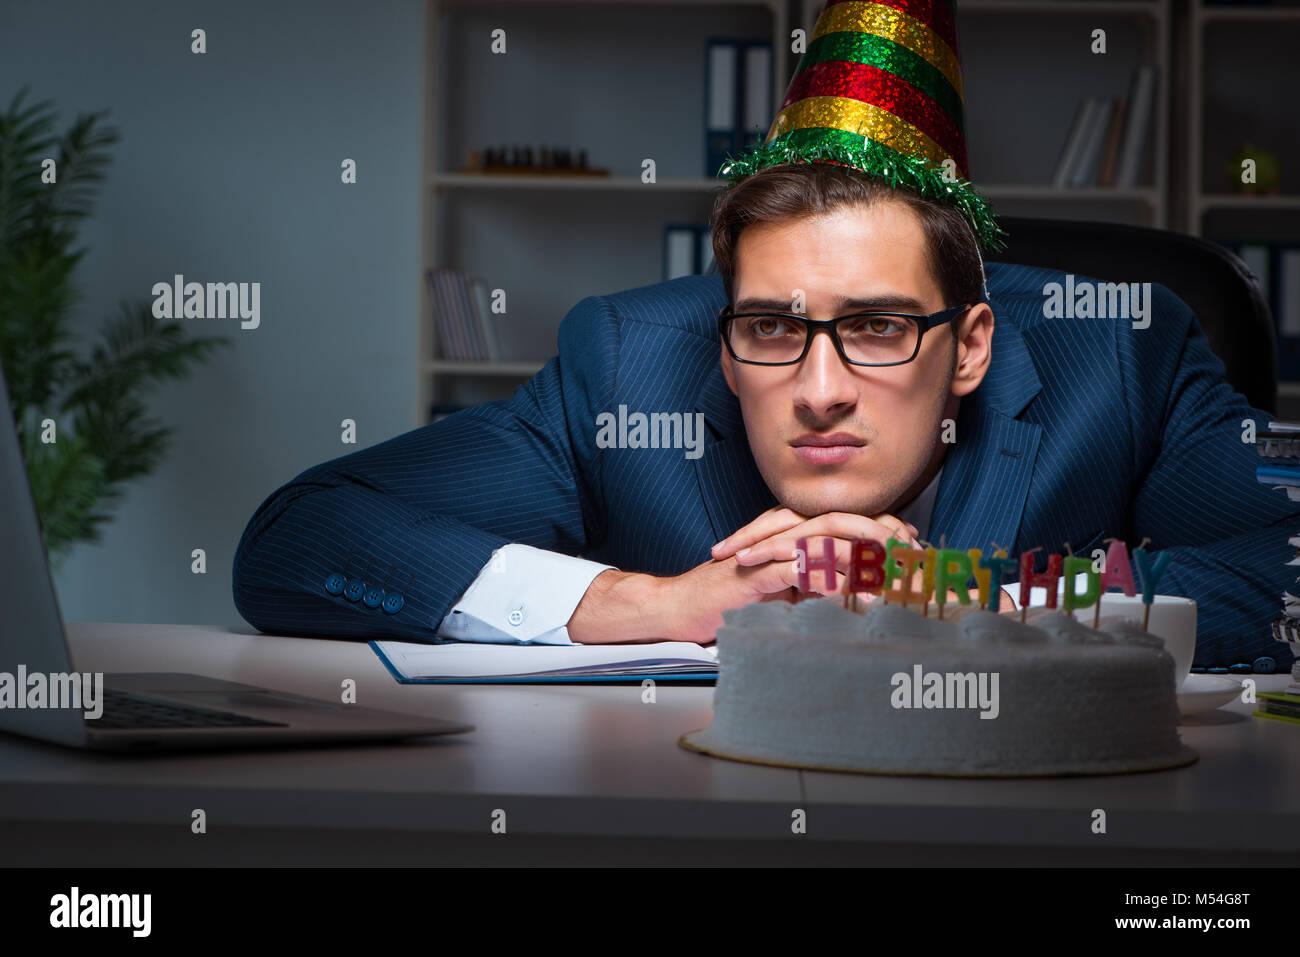 Hombre Celebrando Un Cumpleanos En La Oficina Foto Imagen De Stock